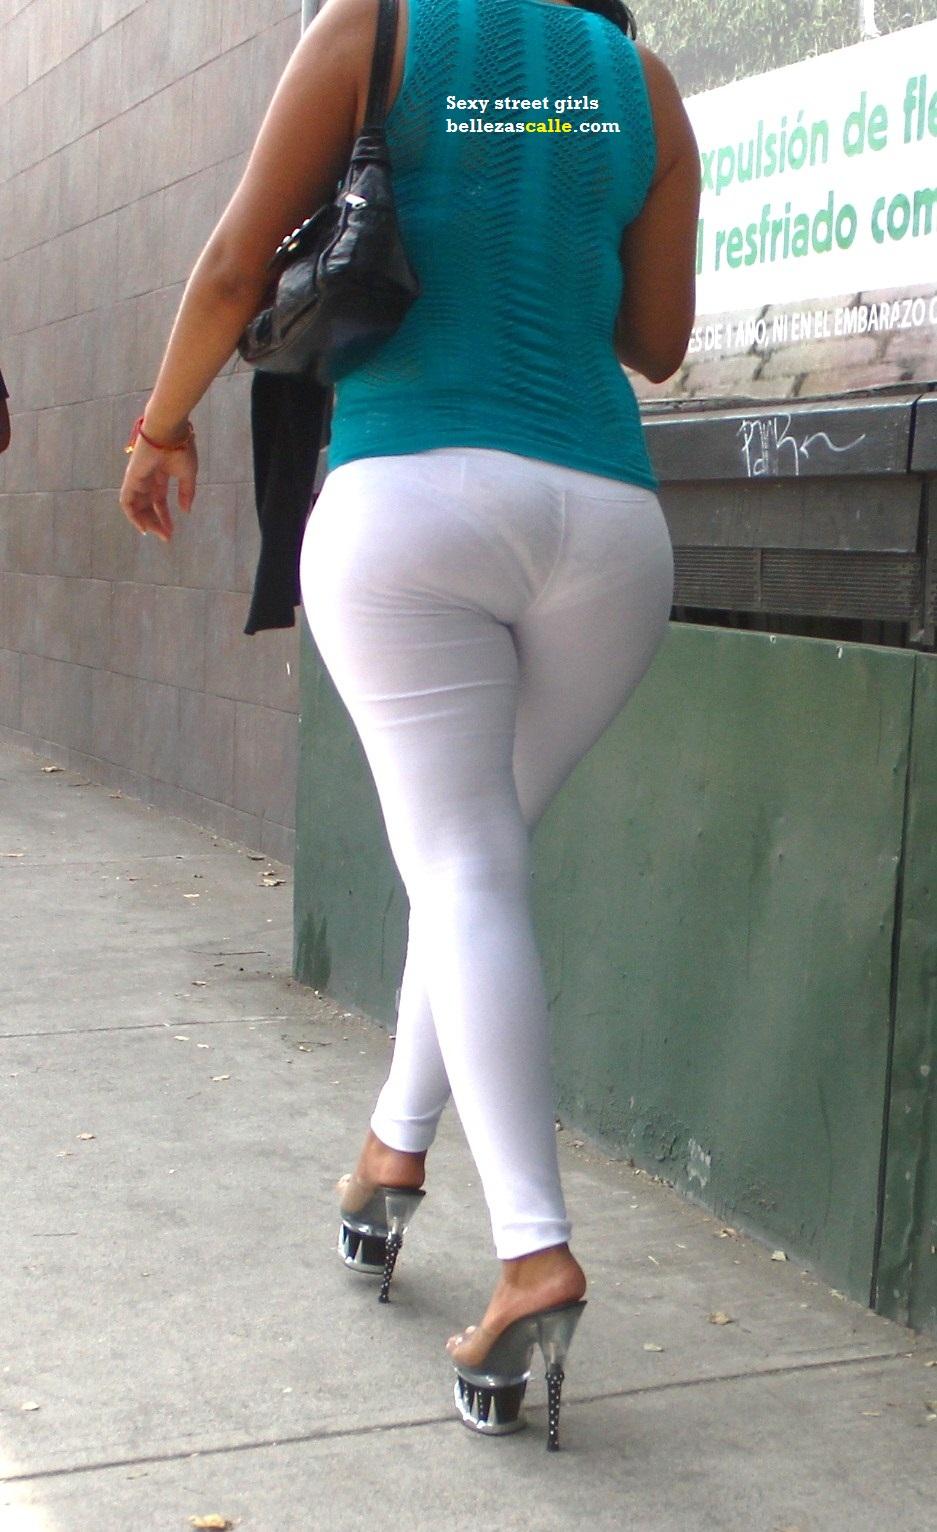 Culona de leggins blancos - 1 part 9